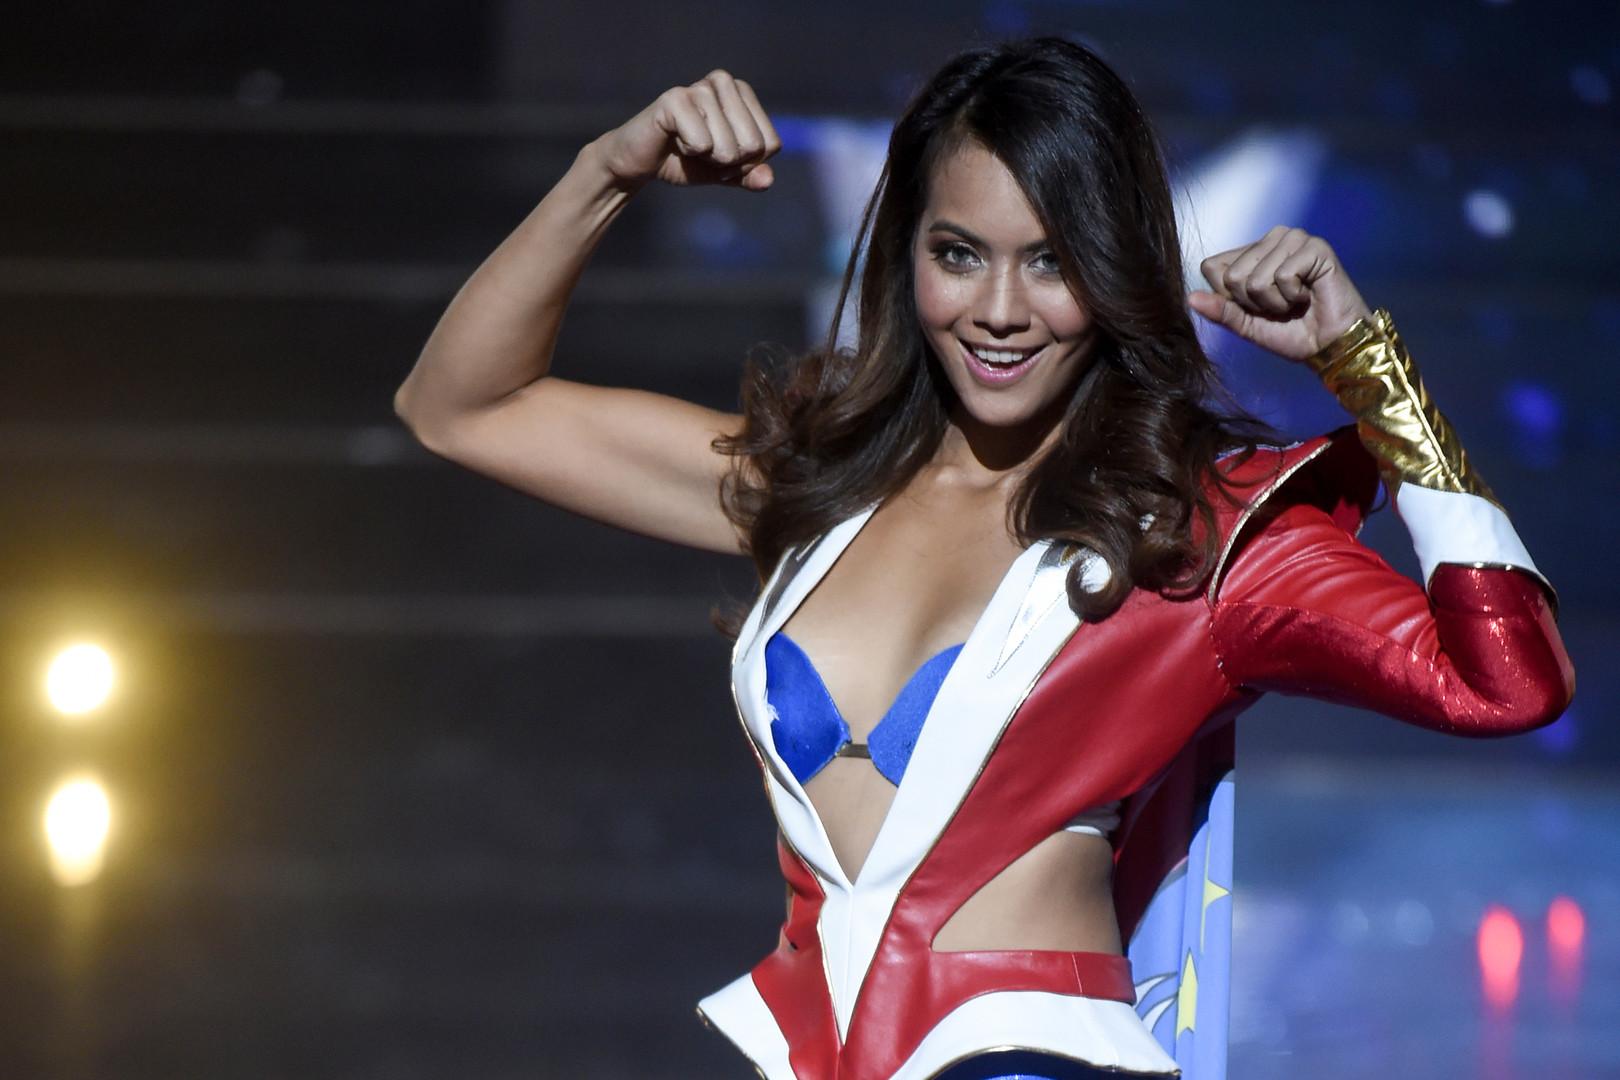 Théorie du genre : «Il y a des femmes qui sont des hommes», explique Miss France 2019